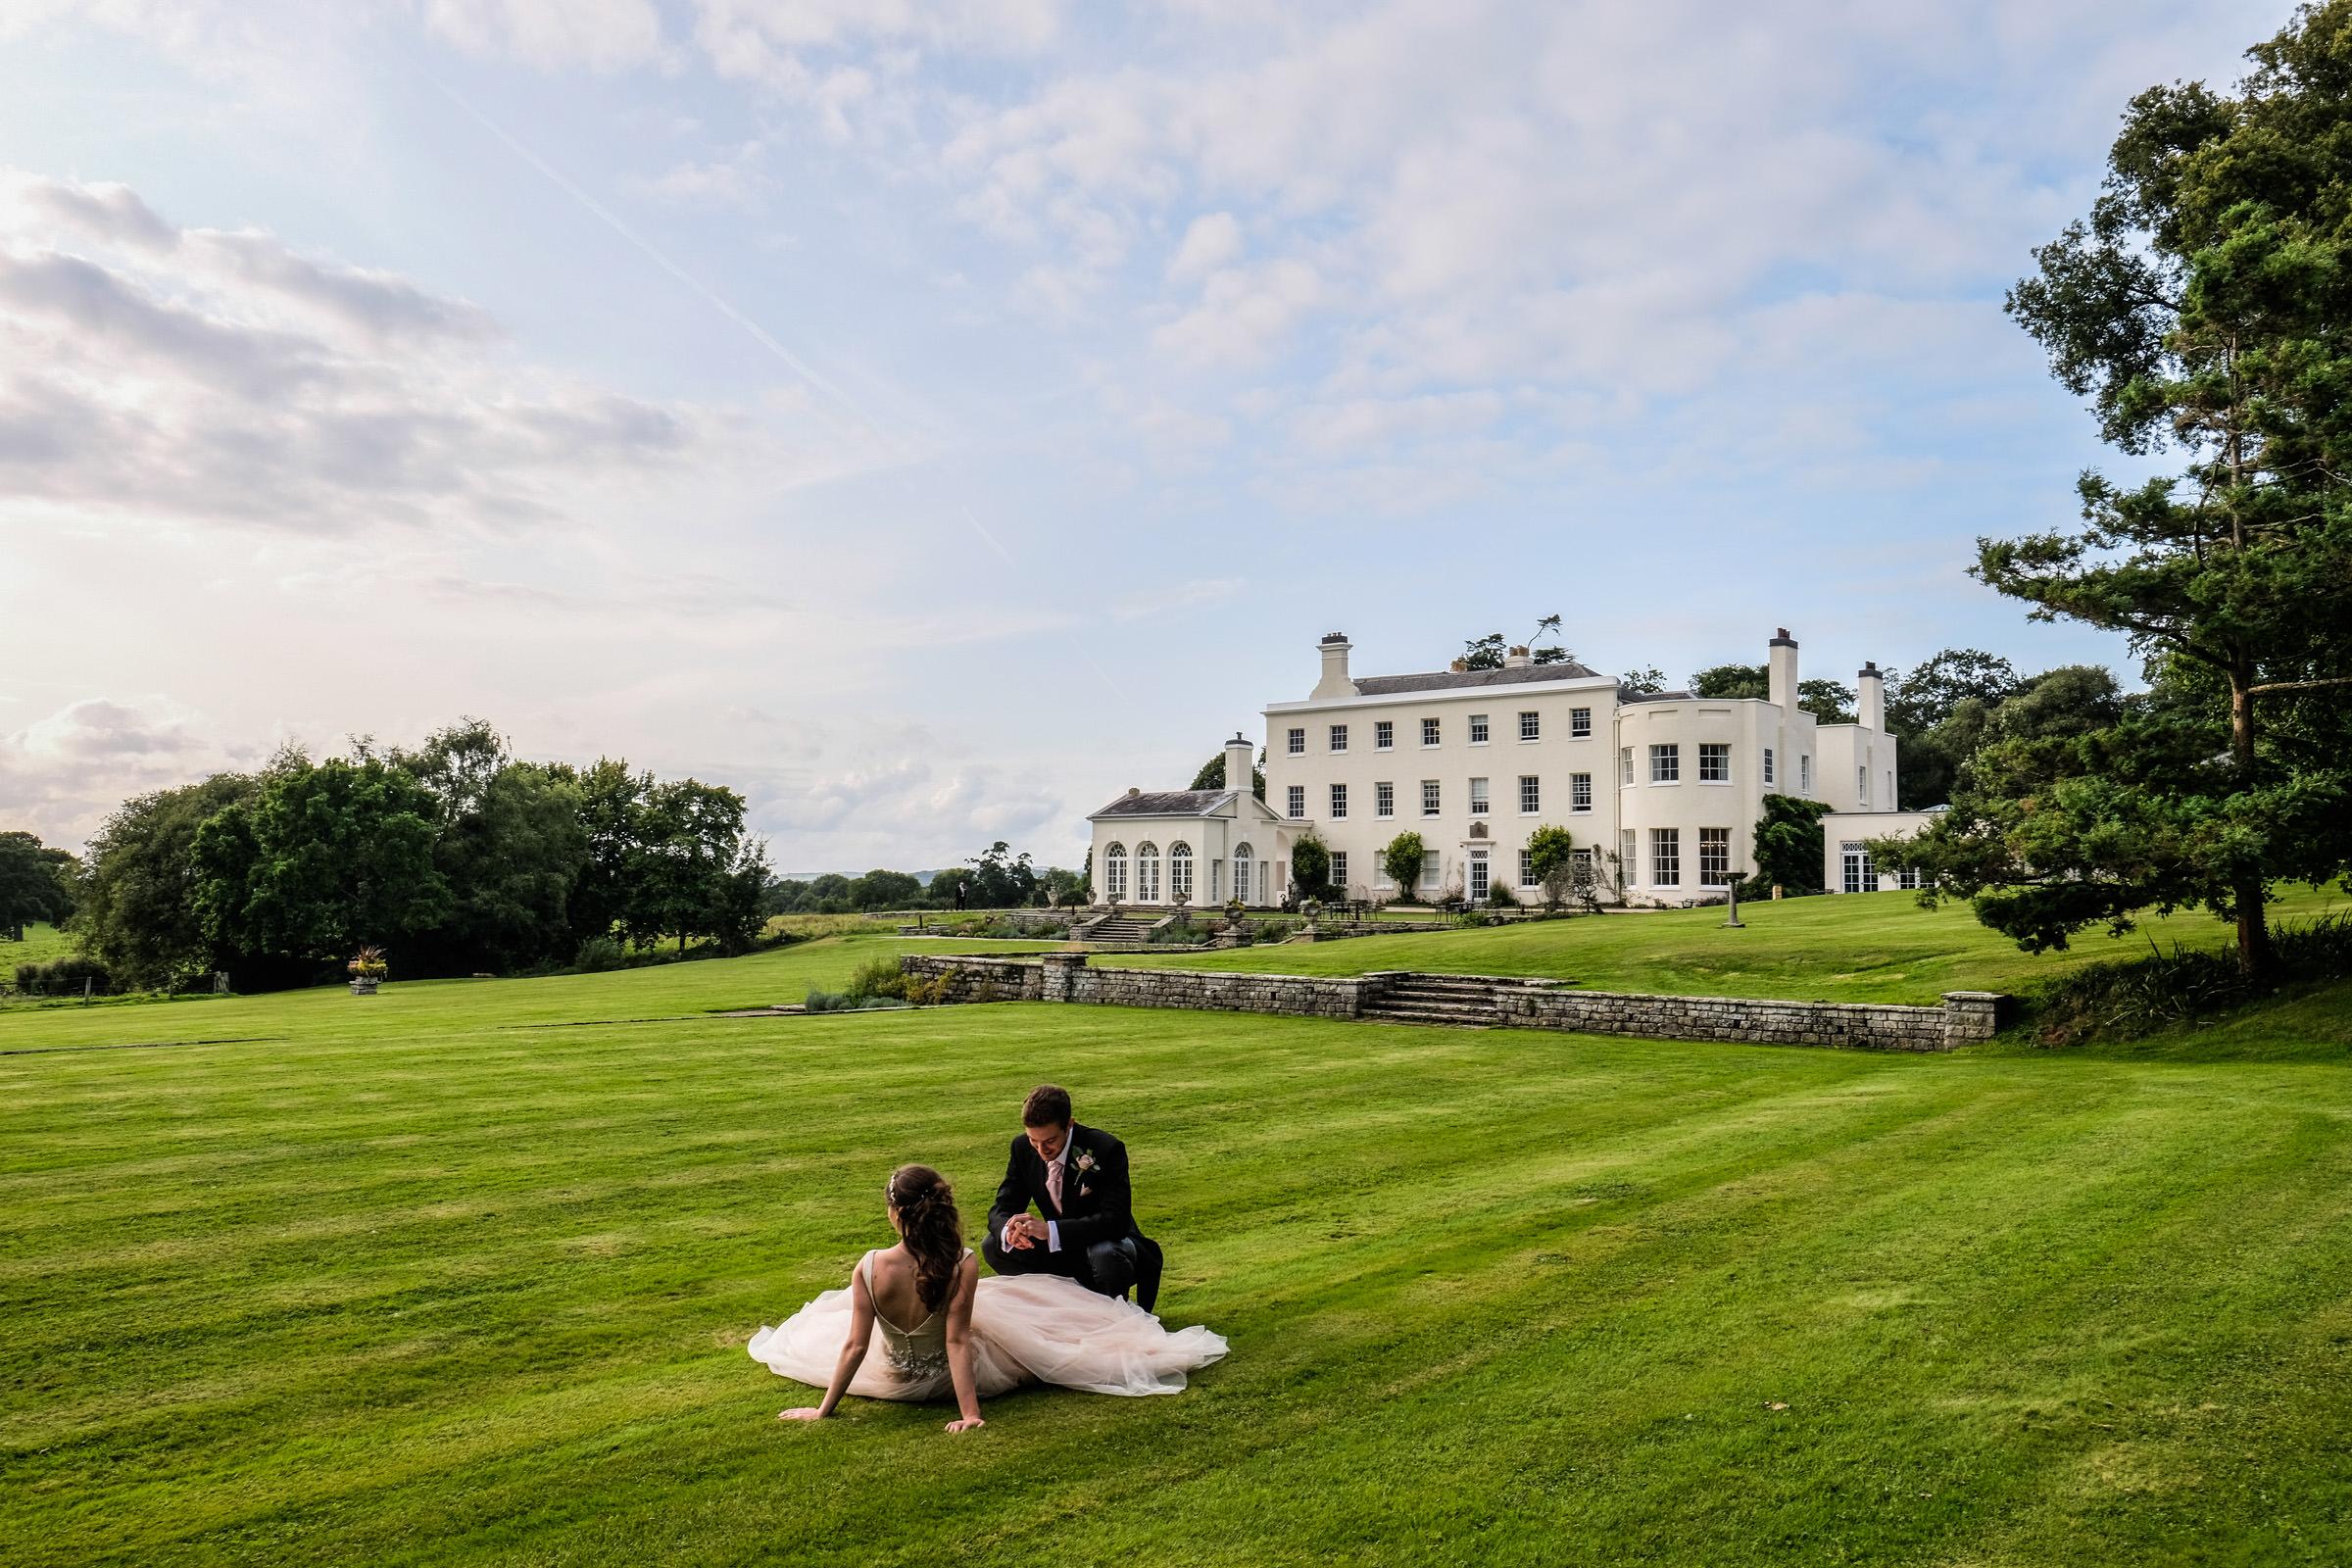 Rockbeare+Manor+Wedding+Photos+Devon+038.jpg